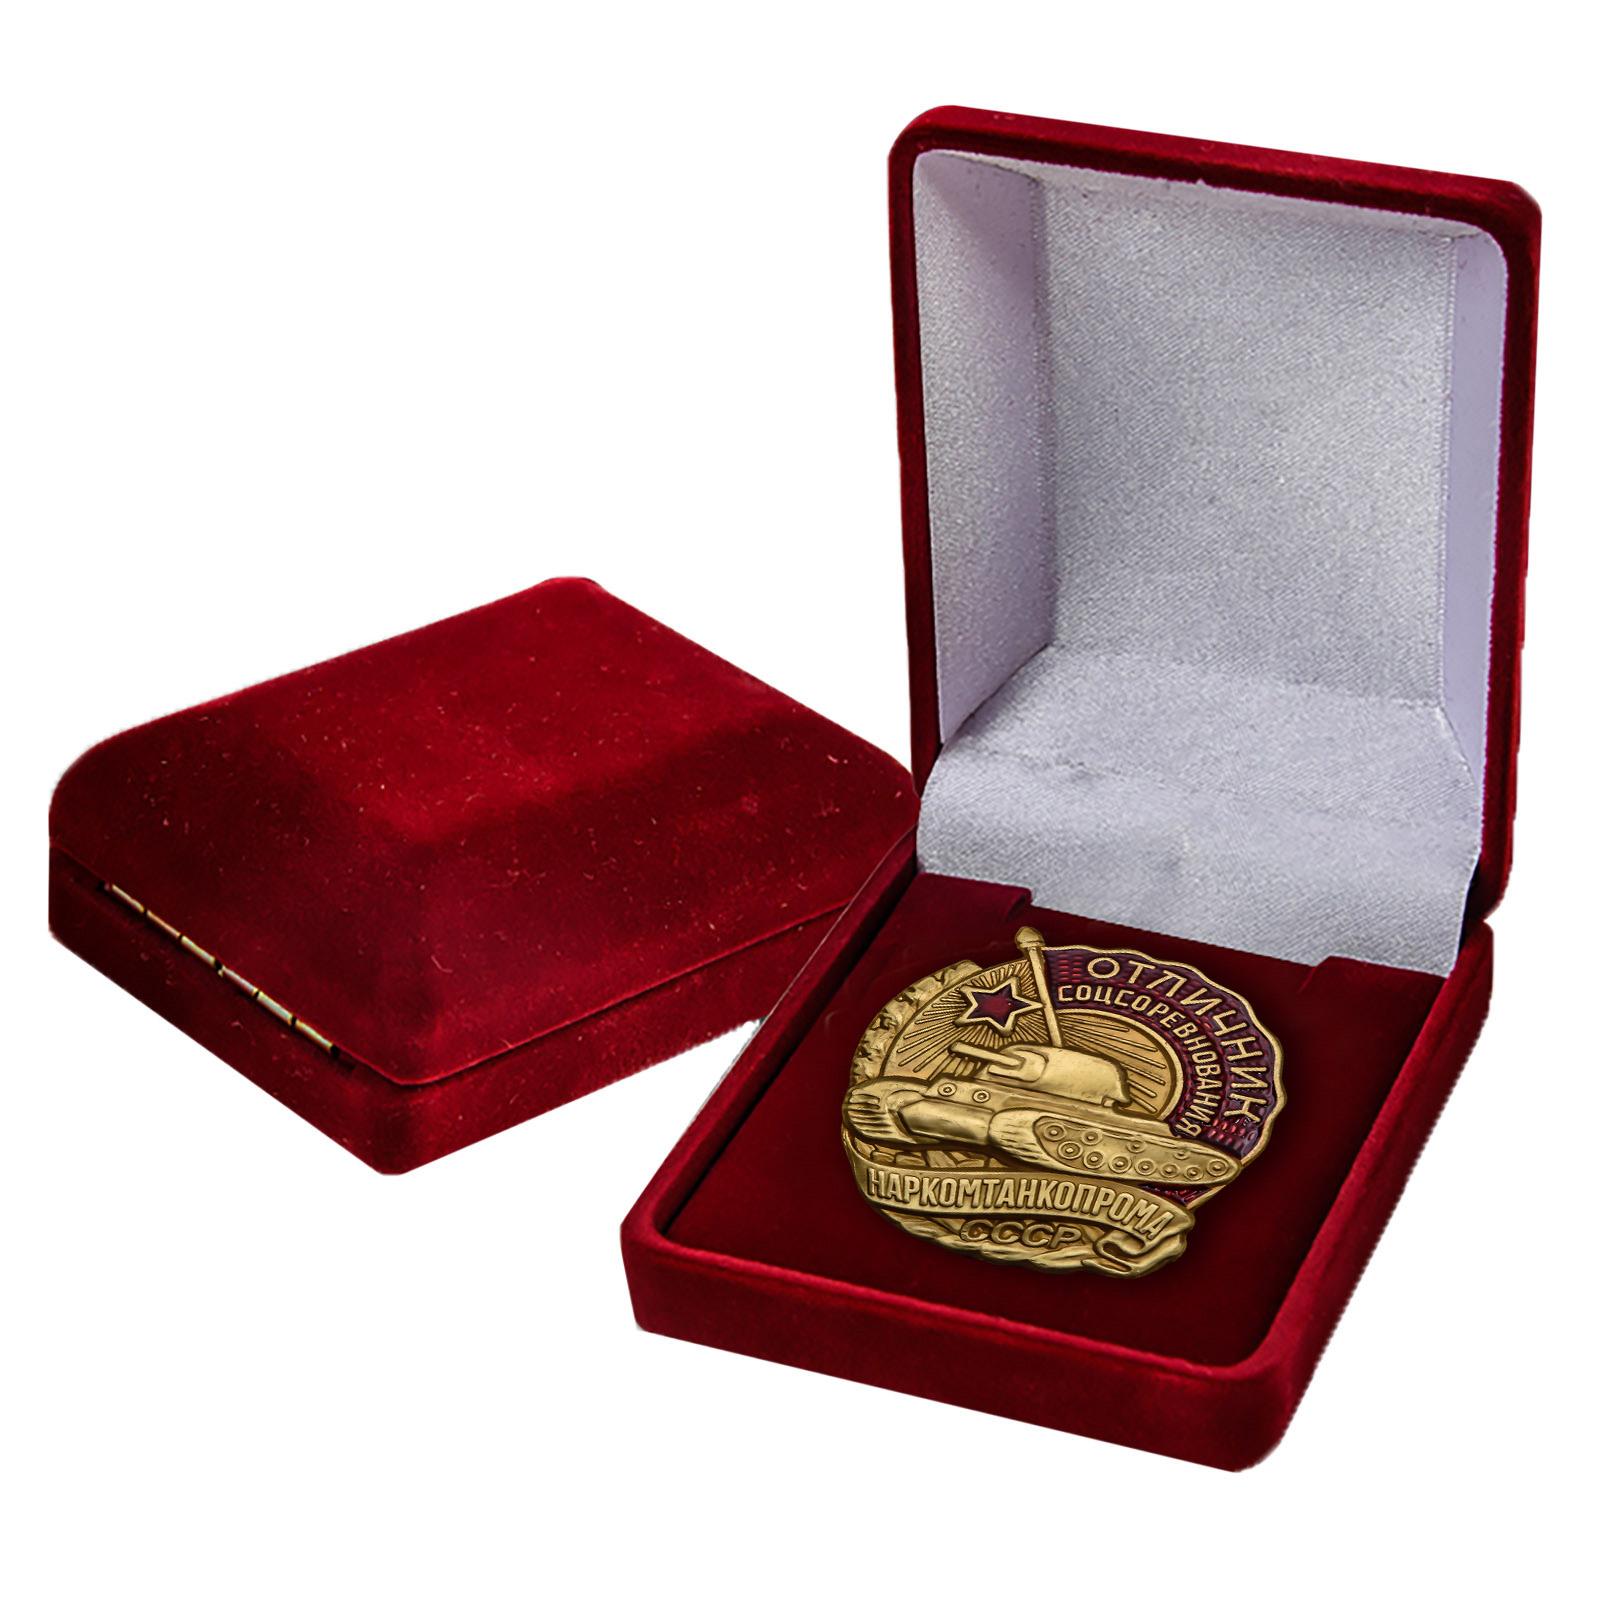 Наградной знак Отличник соцсоревнования Наркомтанкопрома СССР